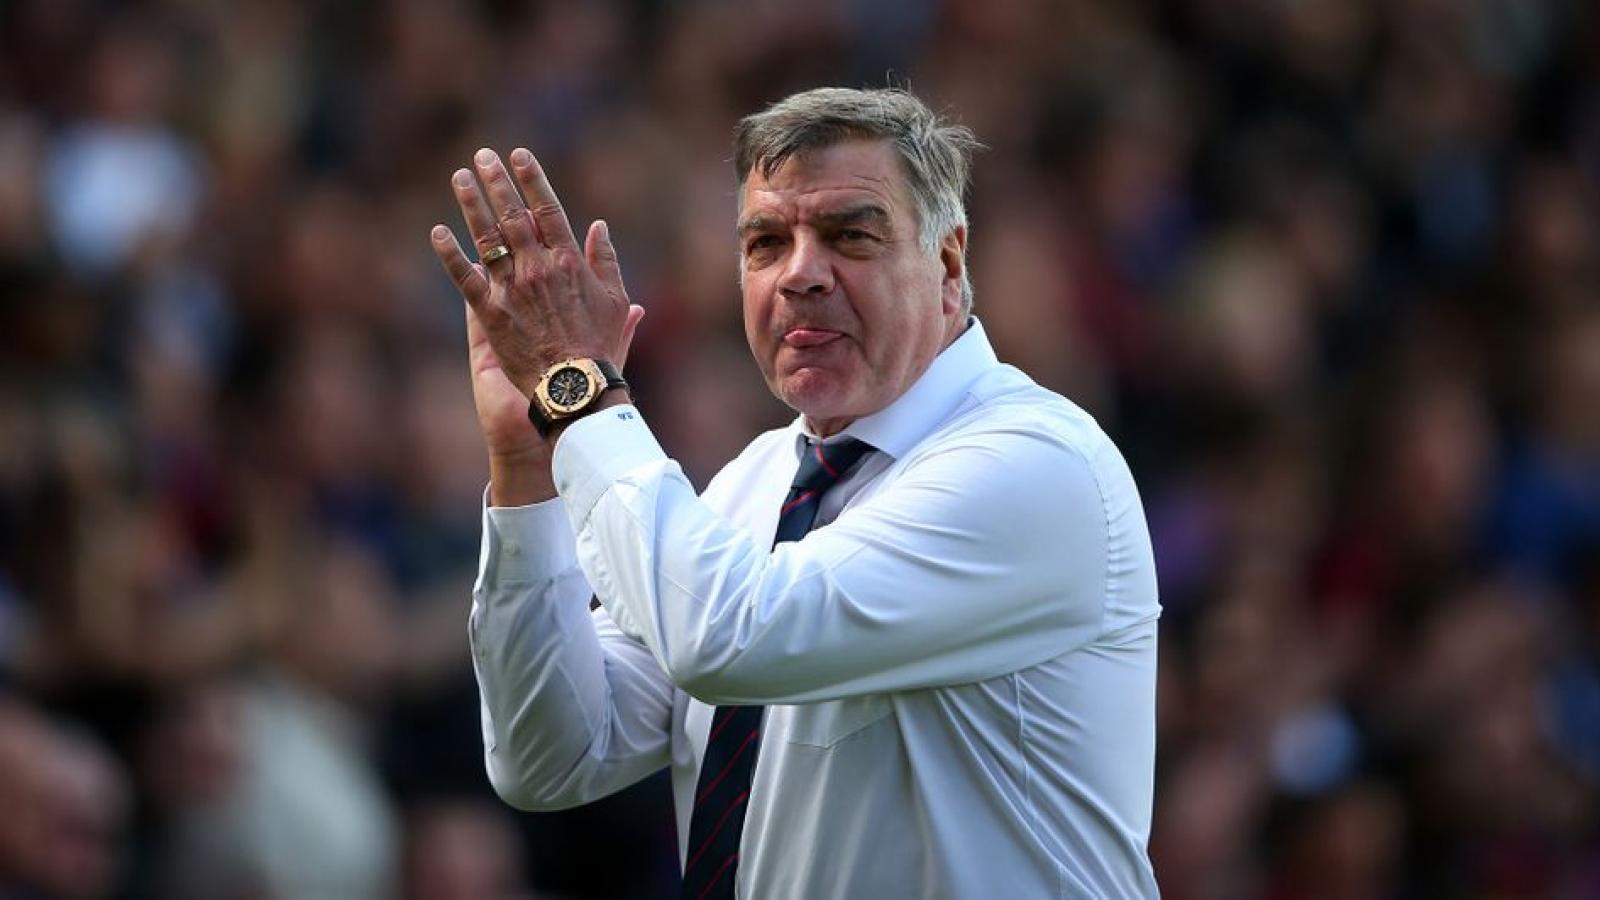 """Cựu HLV ĐT Anh tái xuất Premier League sau 2 năm """"ngồi chơi xơi nước"""""""